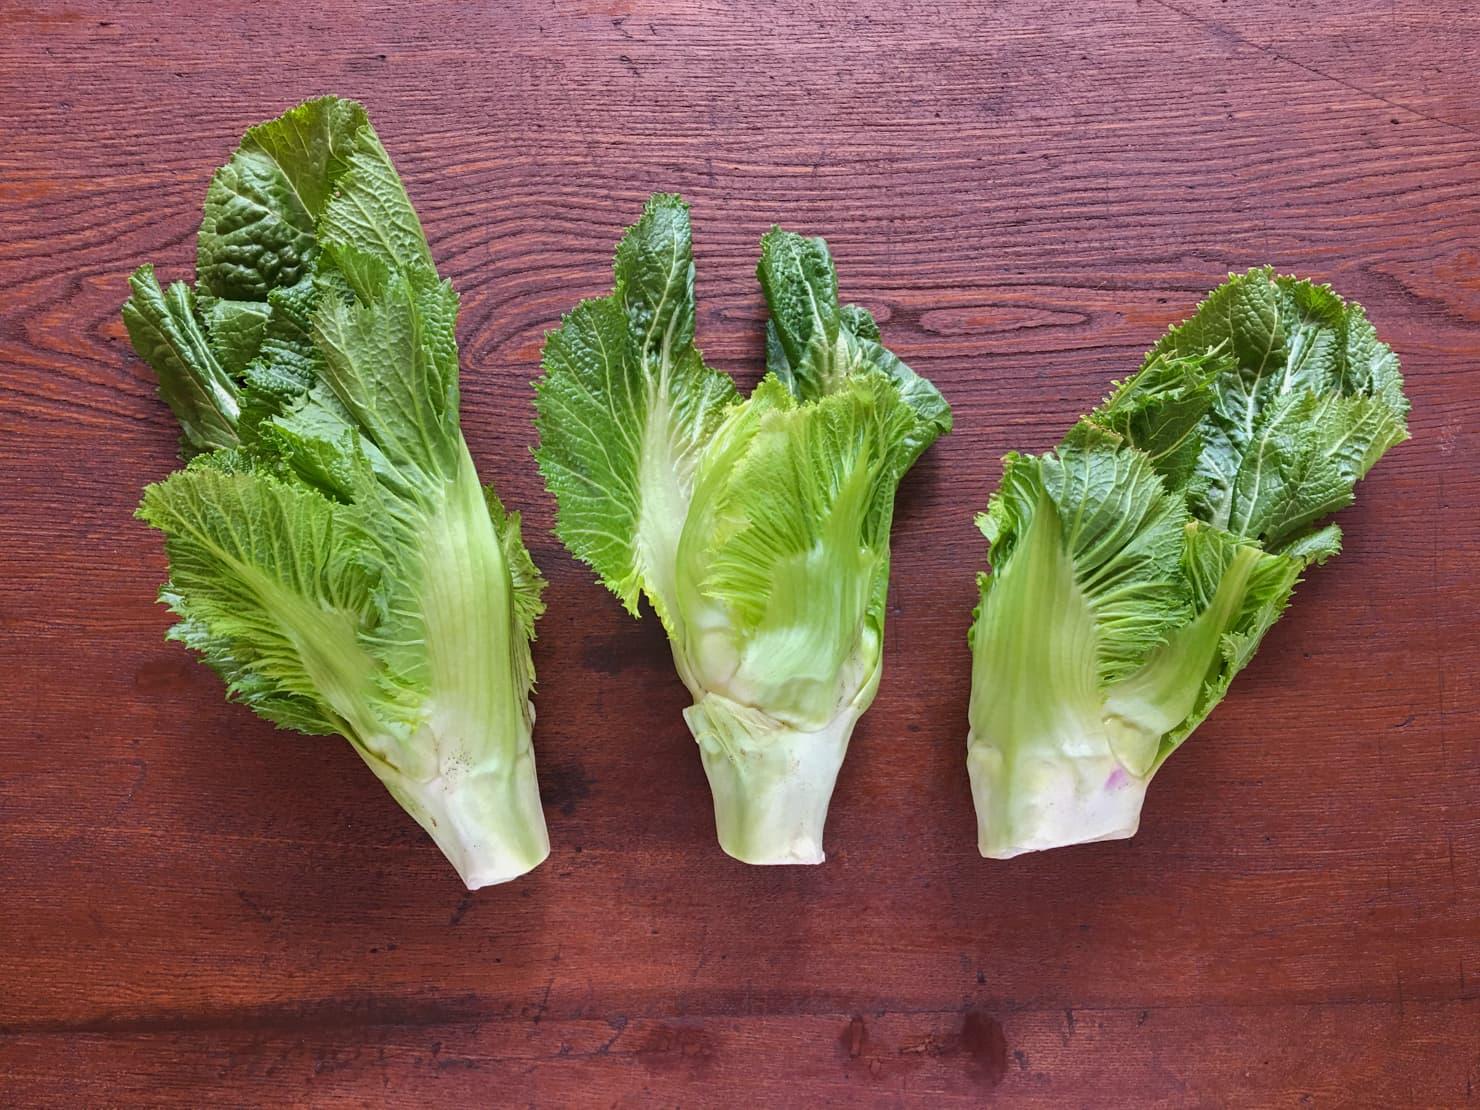 子持ち高菜の写真